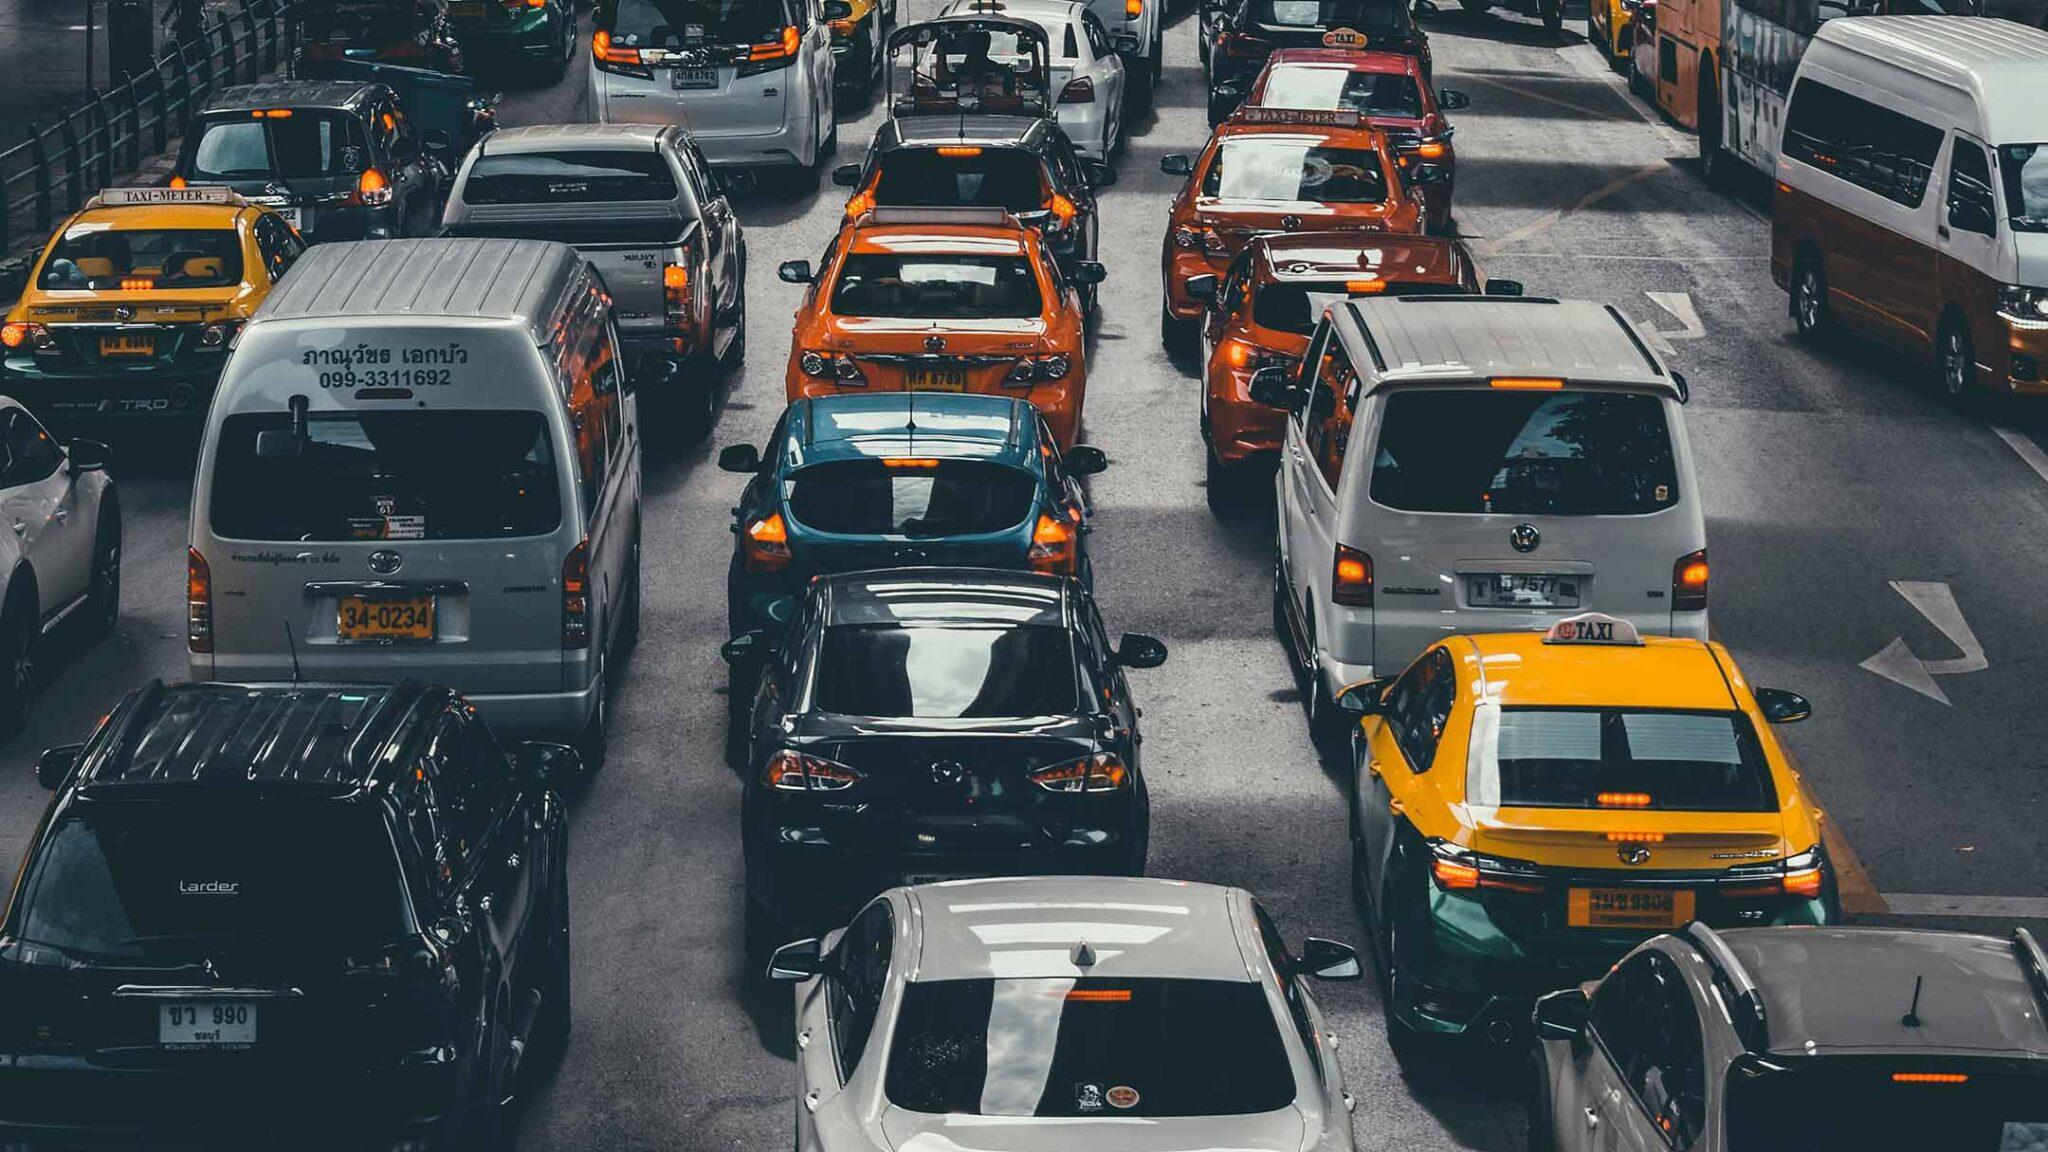 Traffico: troppe automobili e mobilità pubblica carente